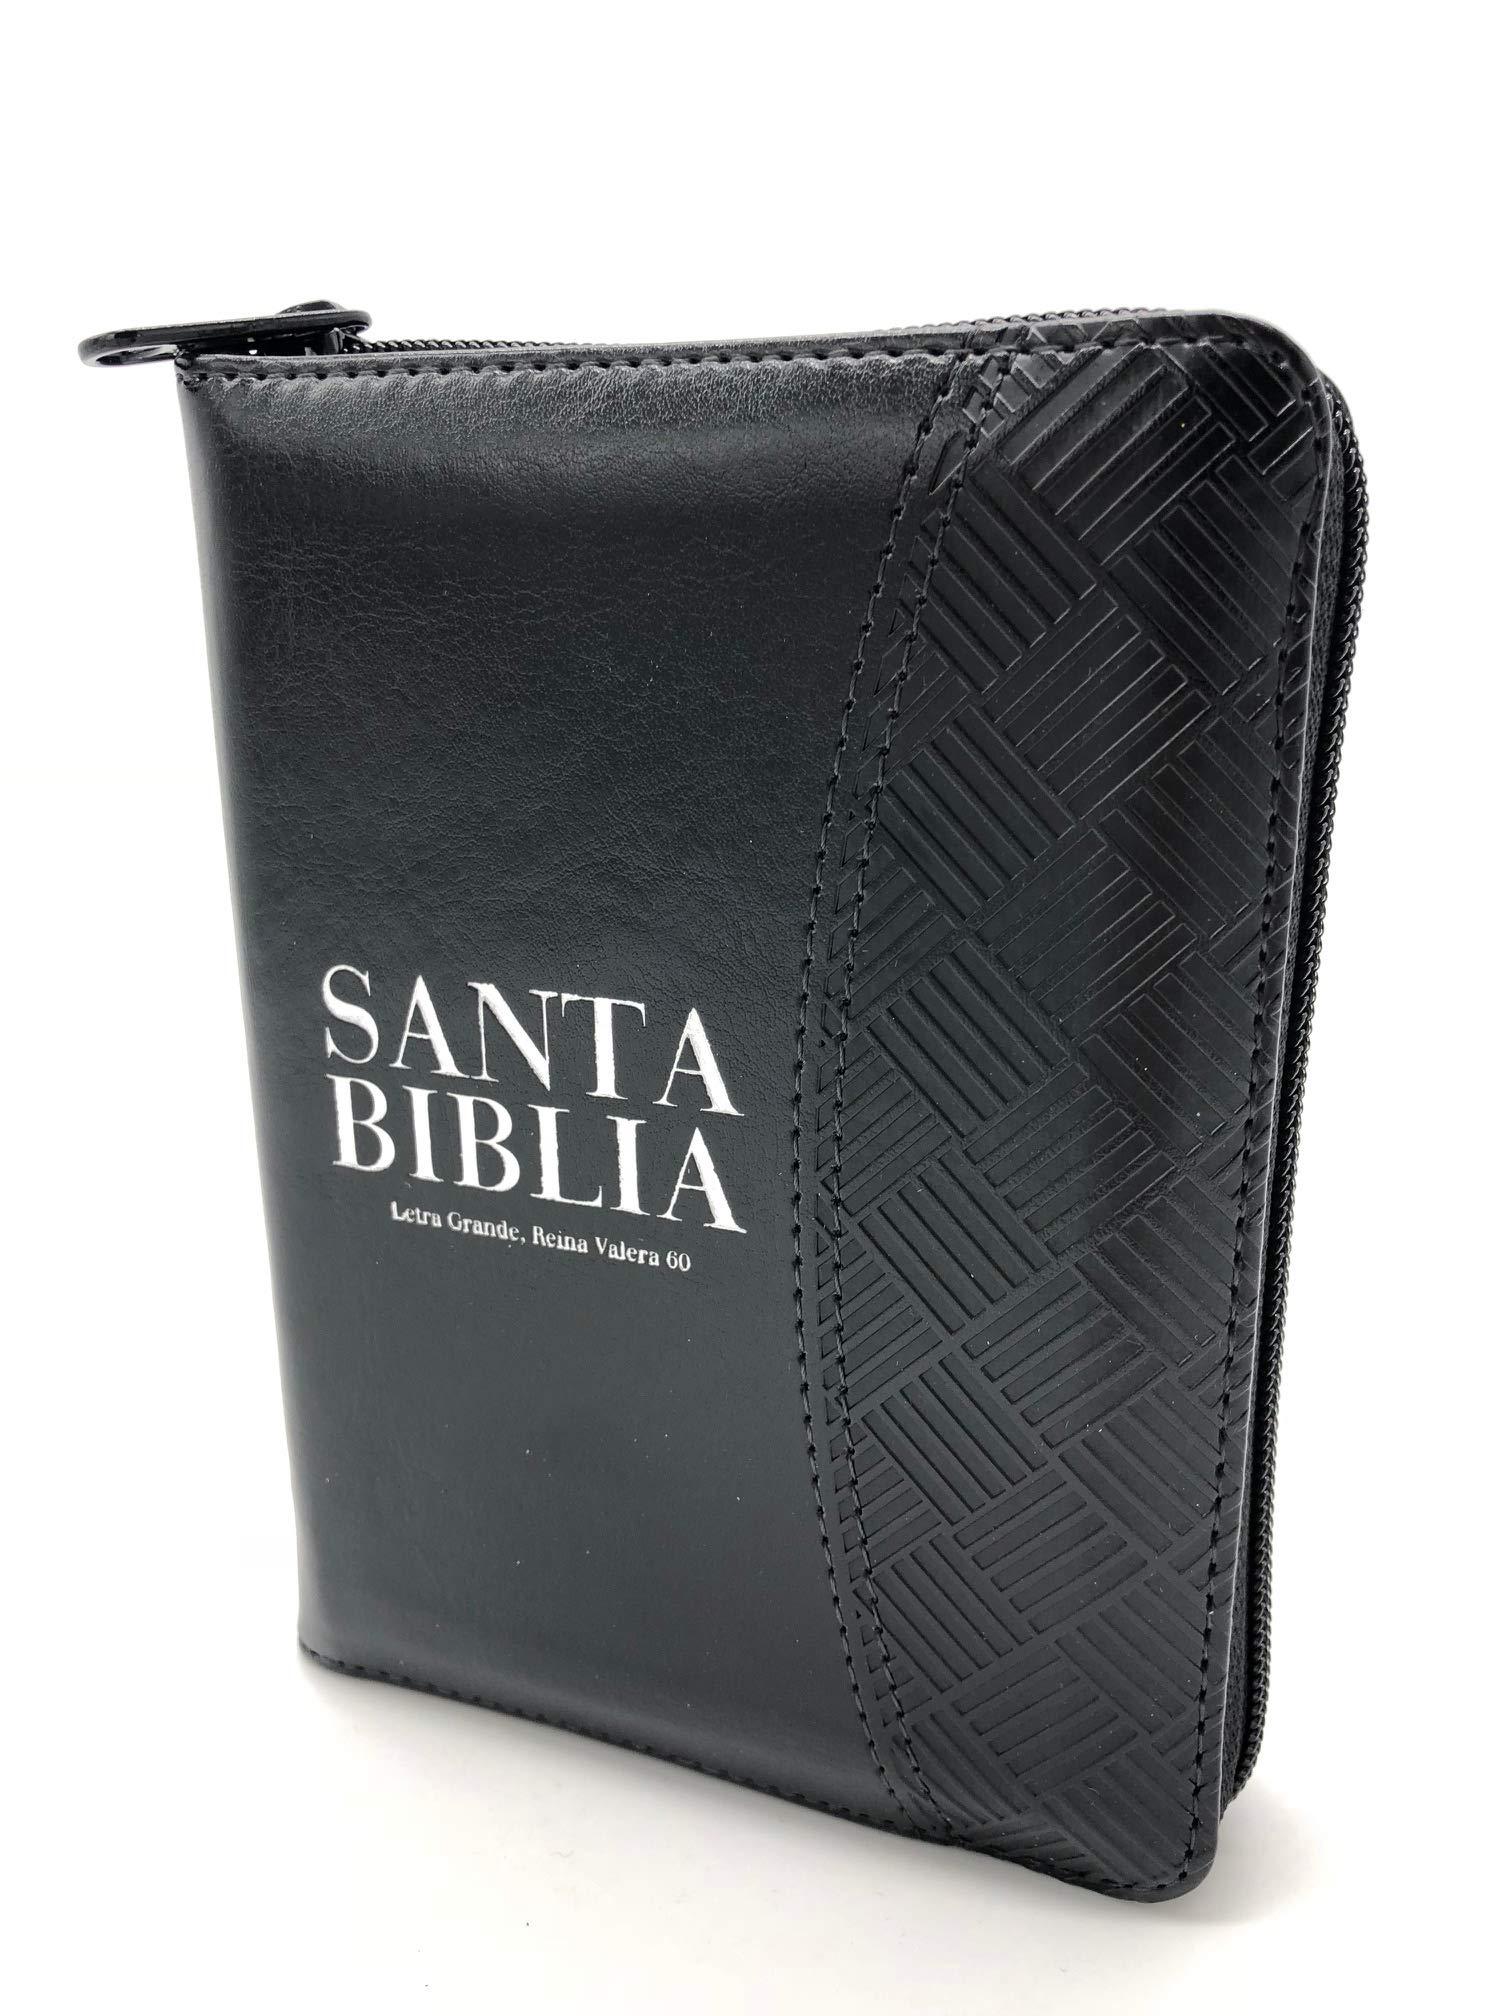 Biblia Reina Valera 1960 / Tama�o bolsillo / con cierre / �ndice / Bicolor negro>